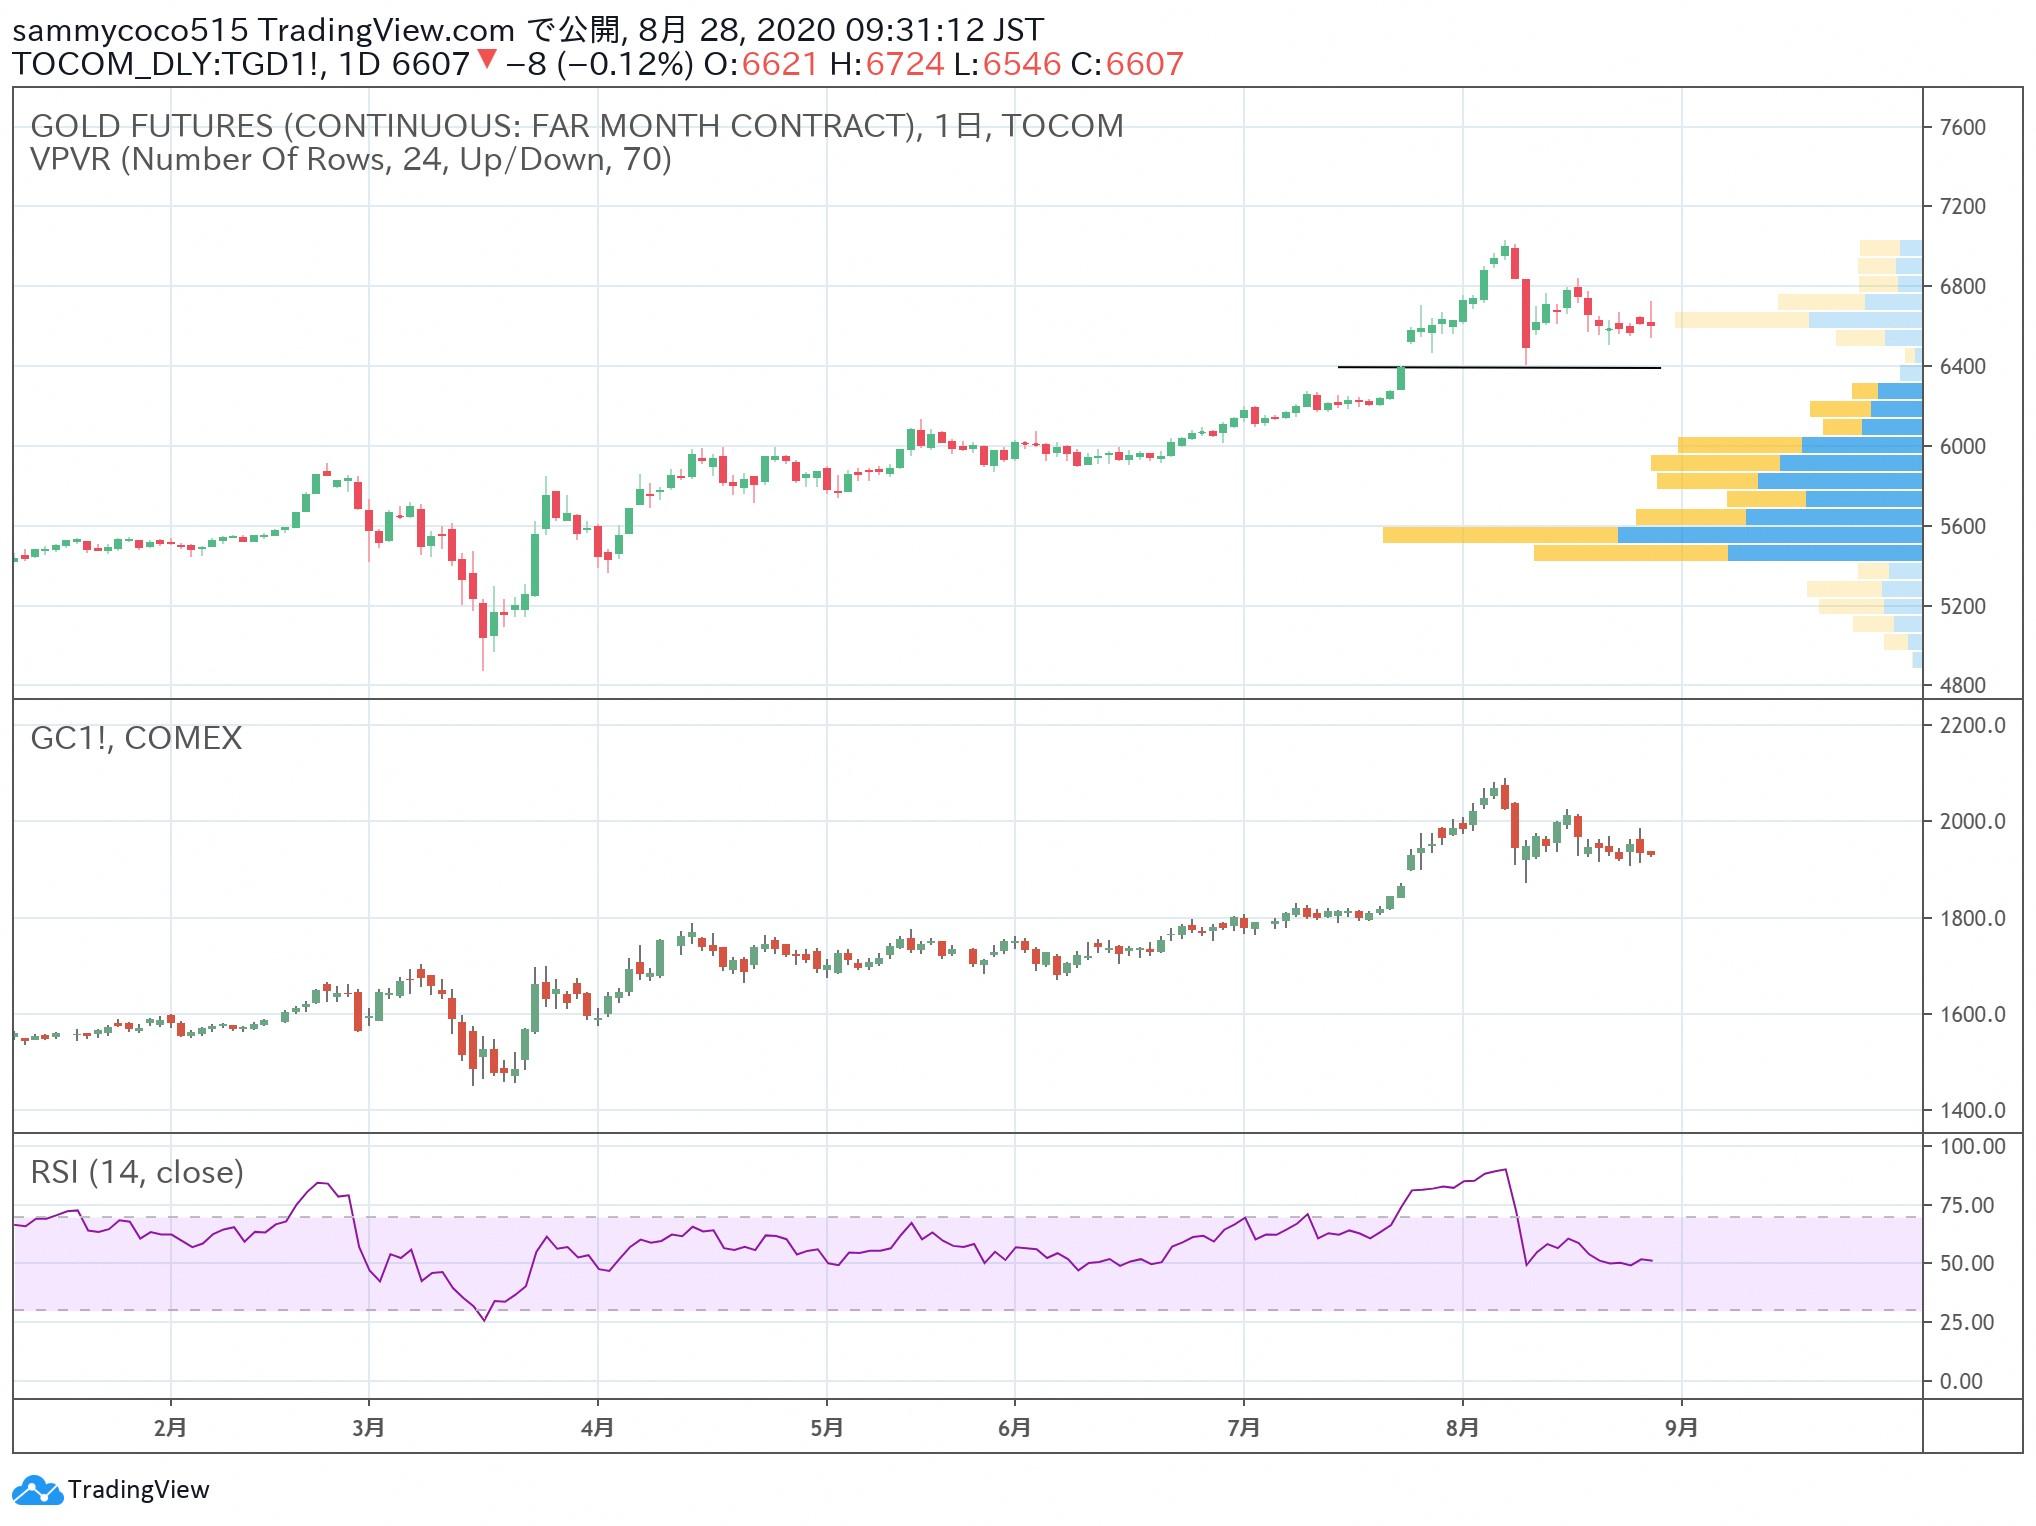 日本商品市场日评:东京黄金价格小幅回落,橡胶市场继续走高